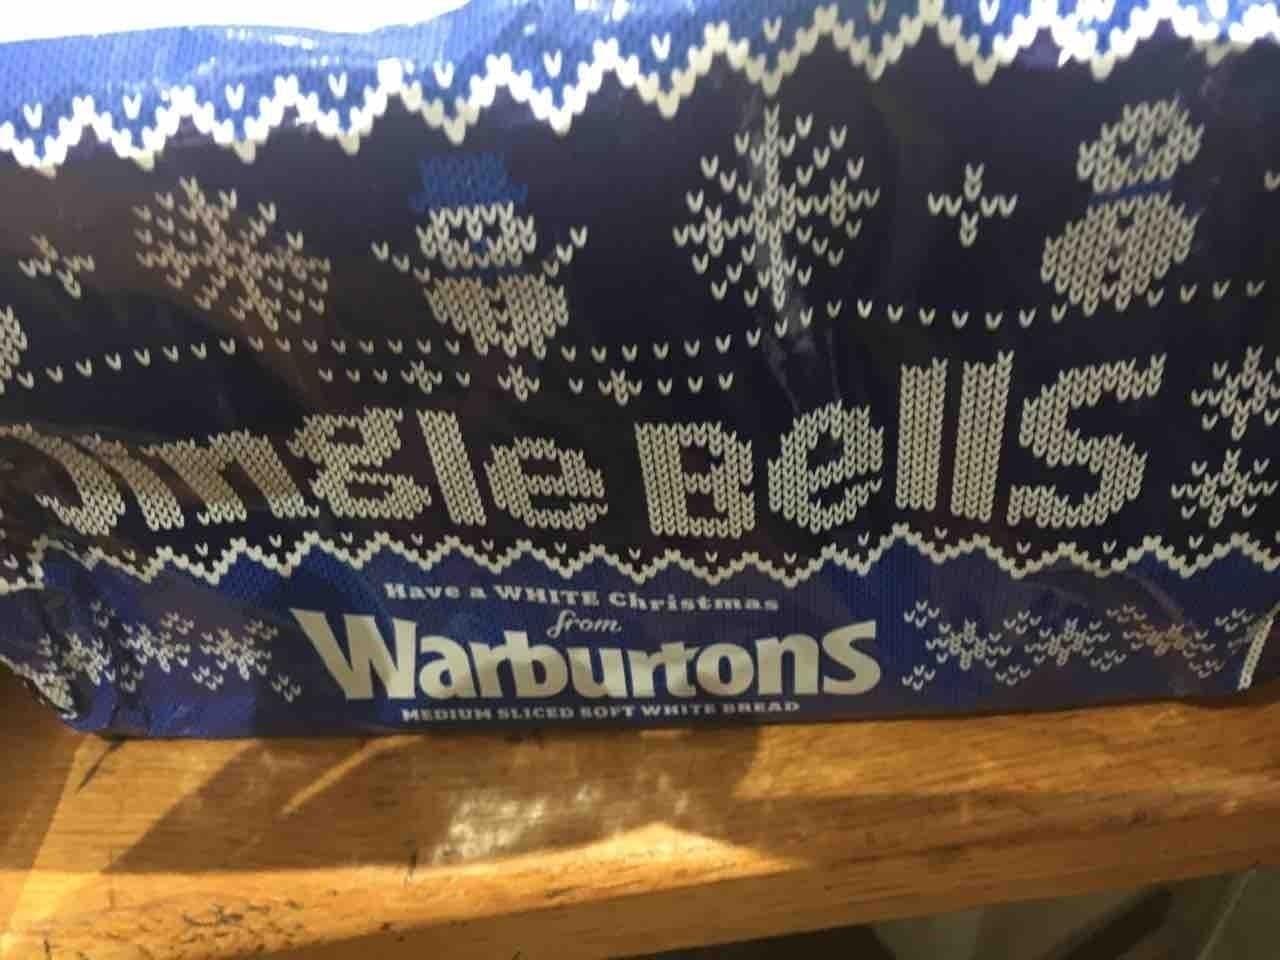 Warburtons white